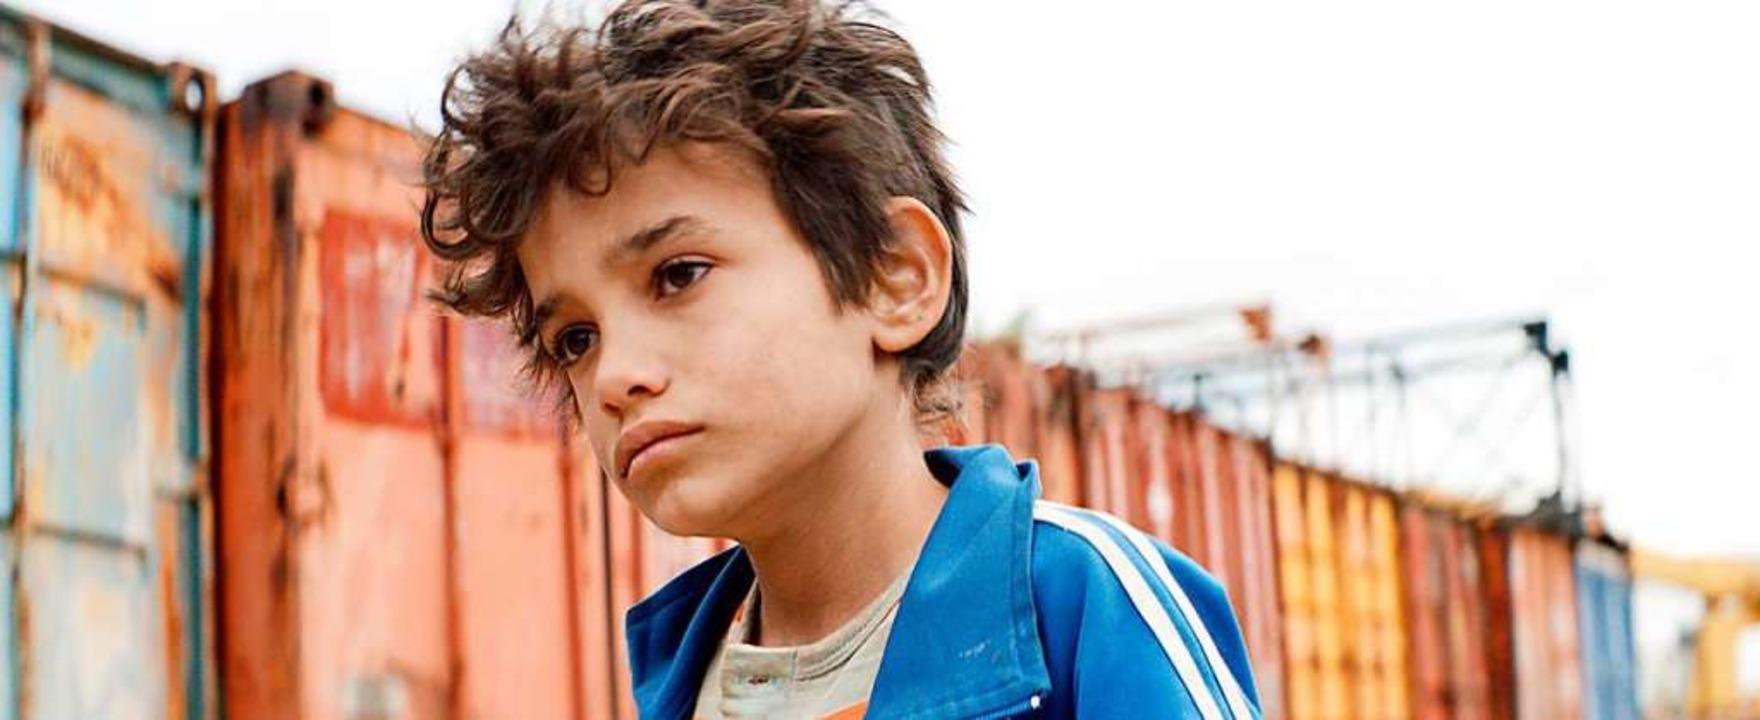 Das wilde, verletzliche und sehnsüchti... Films: der junge Syrer Zain Al Rafeea  | Foto: dpa